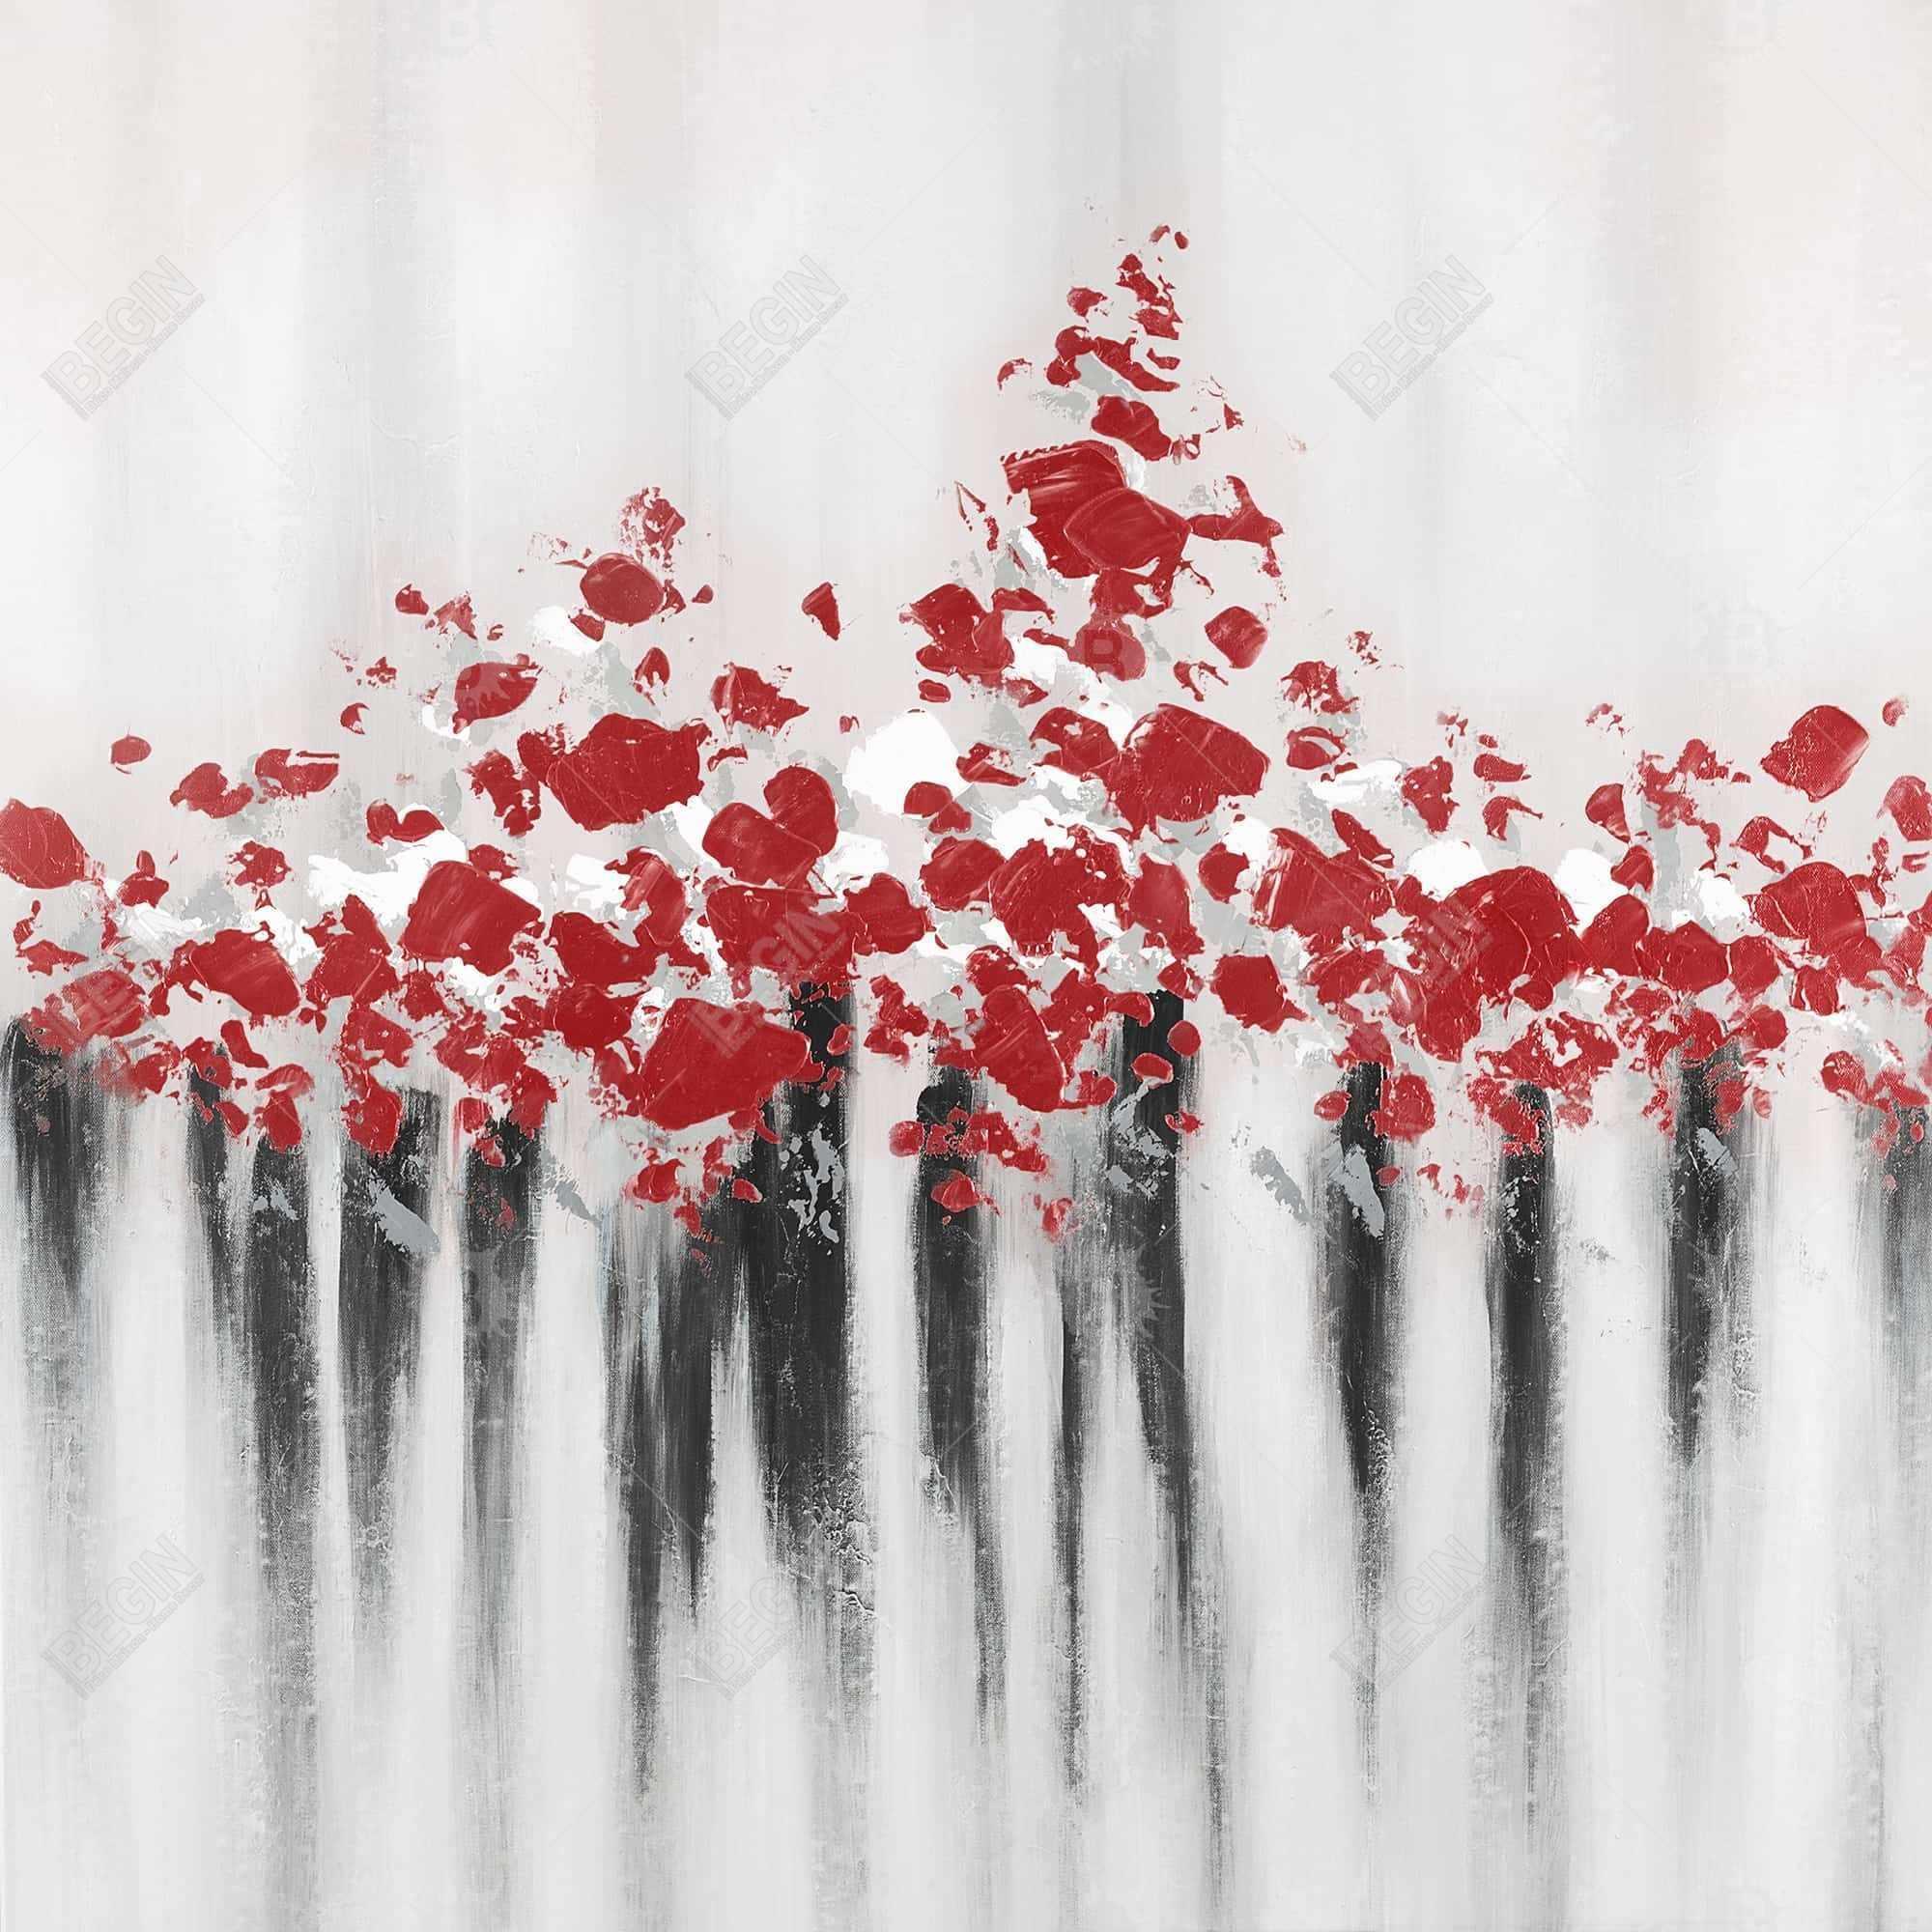 Falling red dot